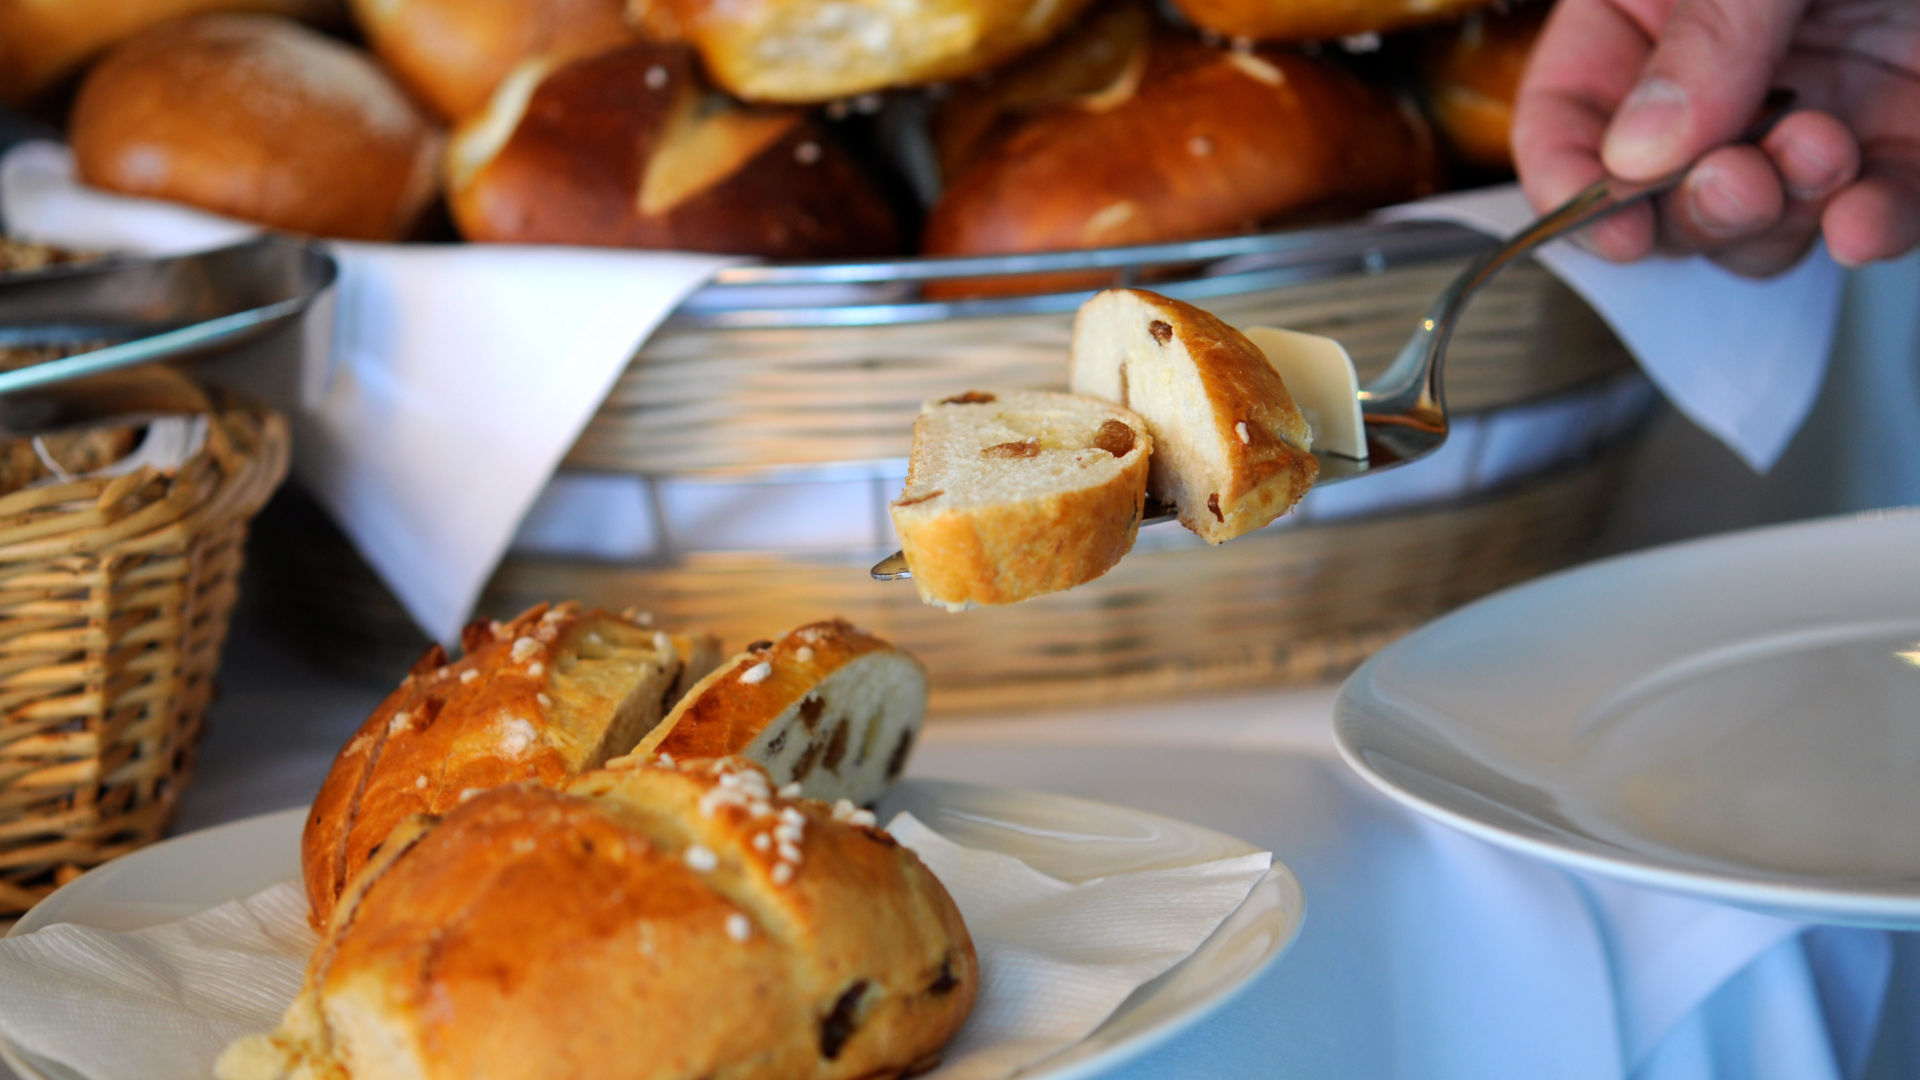 Auswahl an frischem Brot und Brötchen zum Frühstück